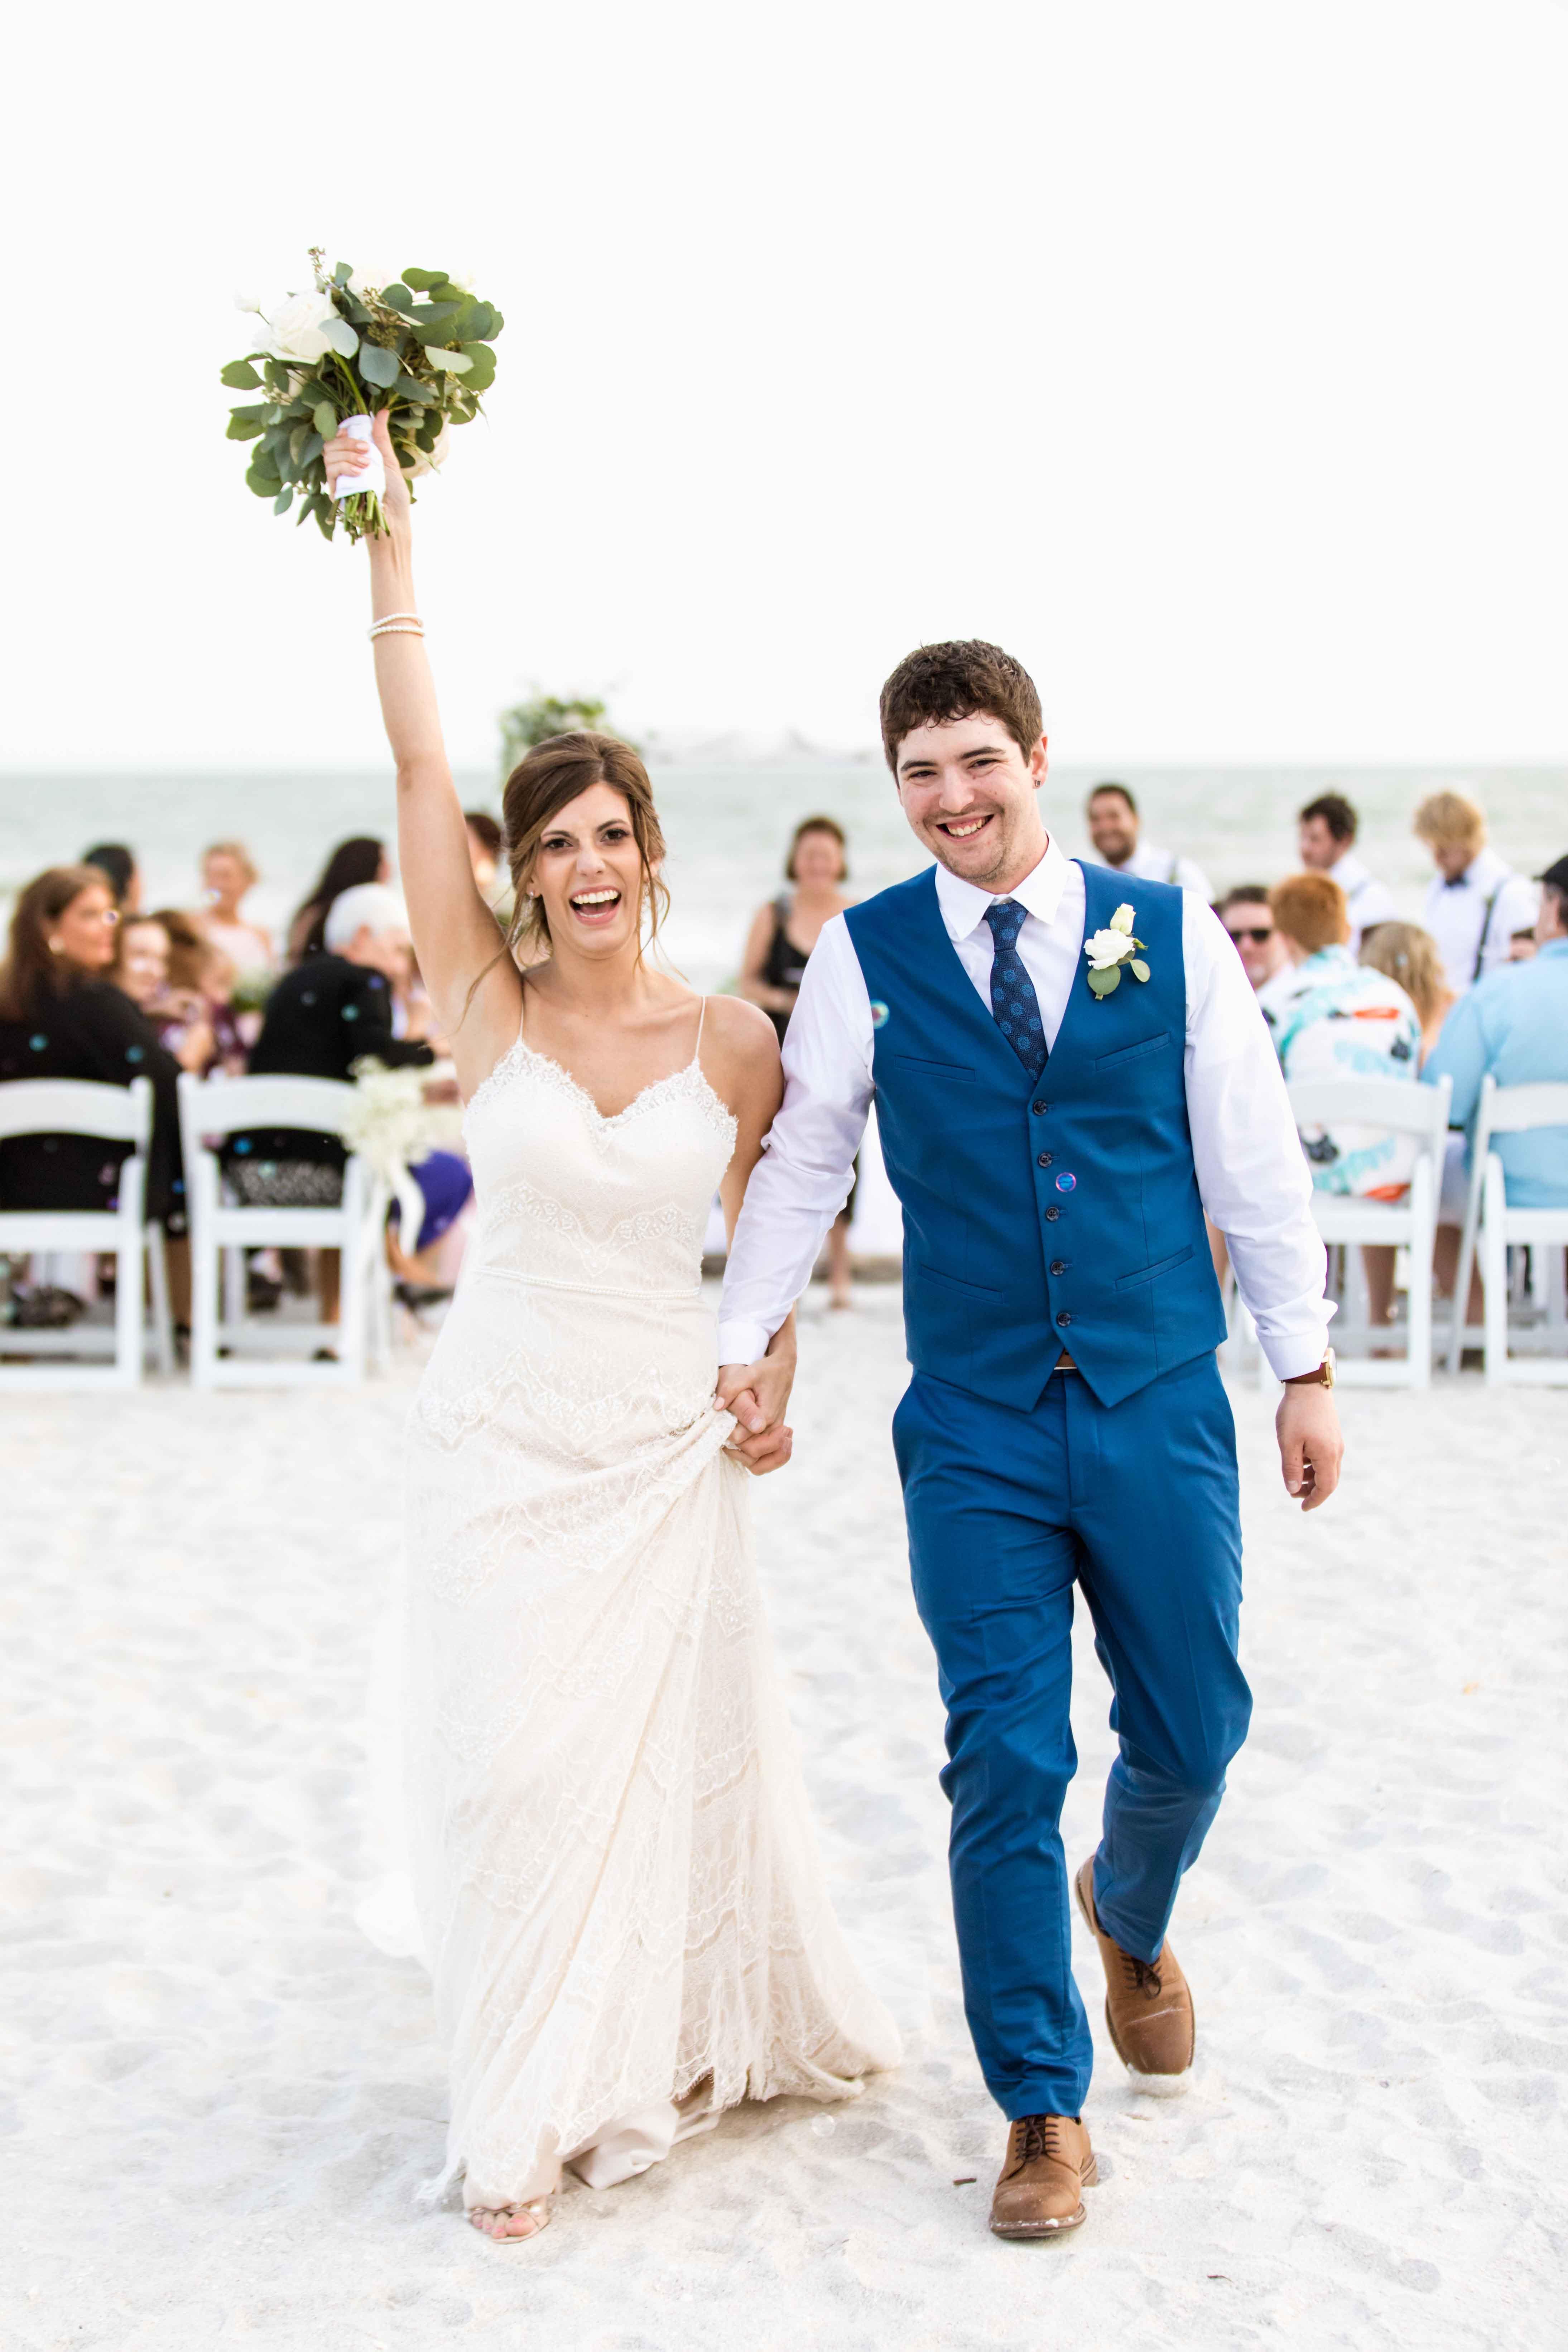 Lexi and Ryan wedding nikkimayday photography